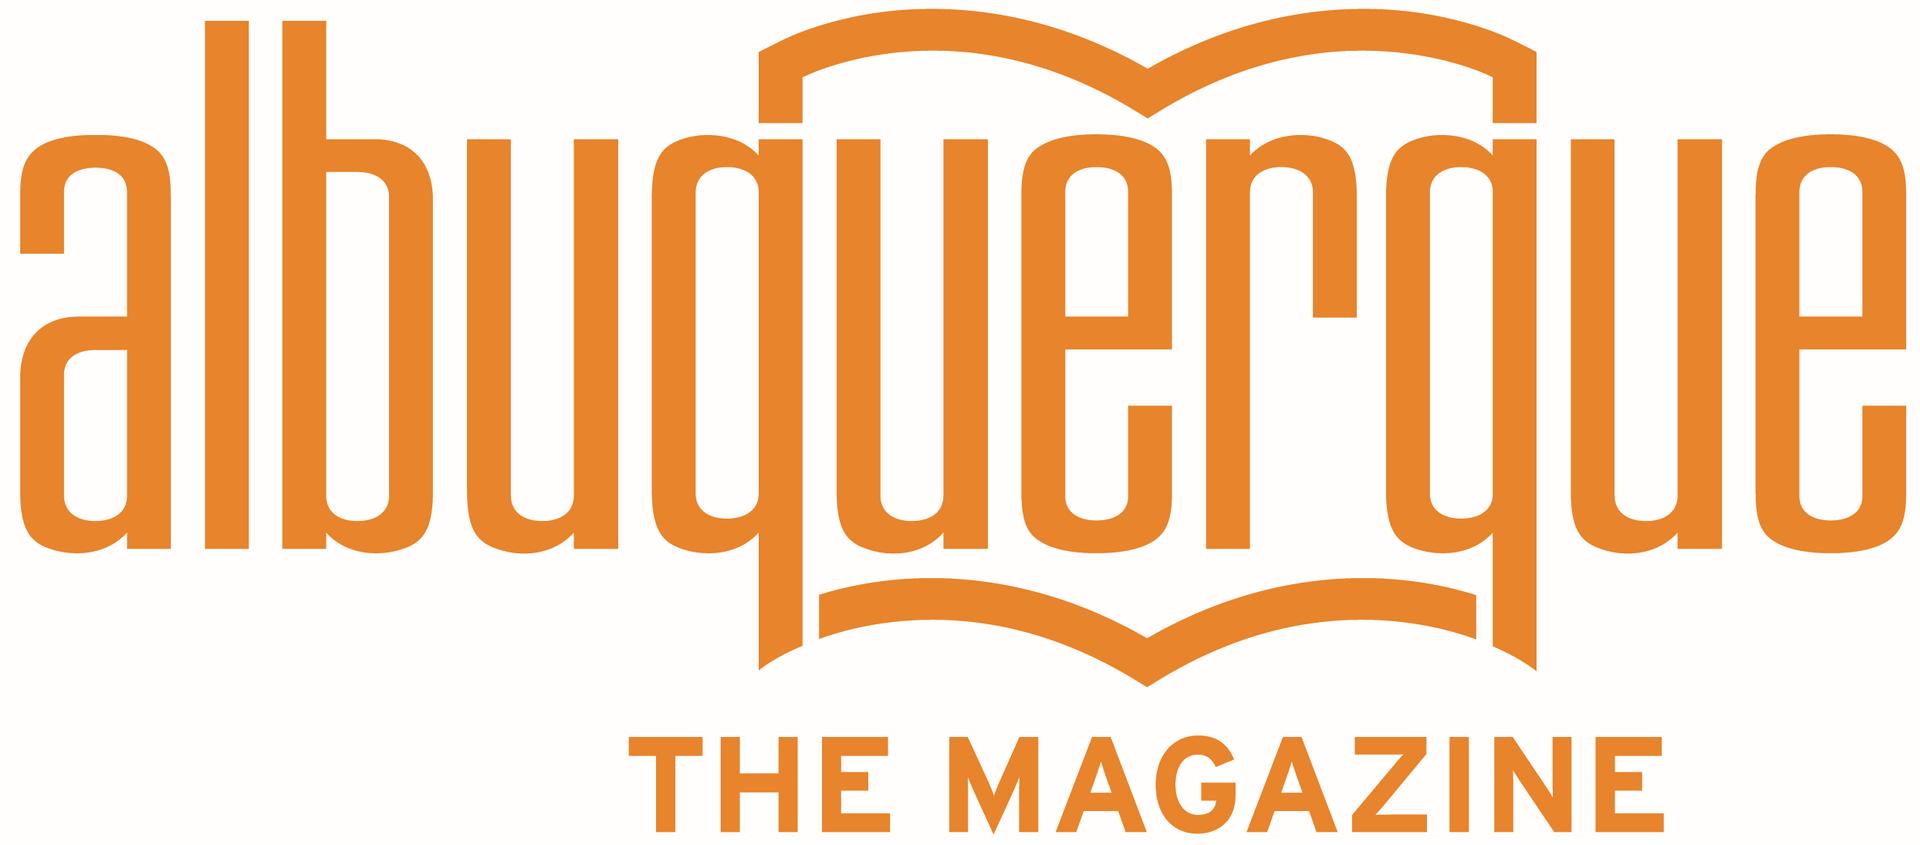 Albuquerque The Magazine